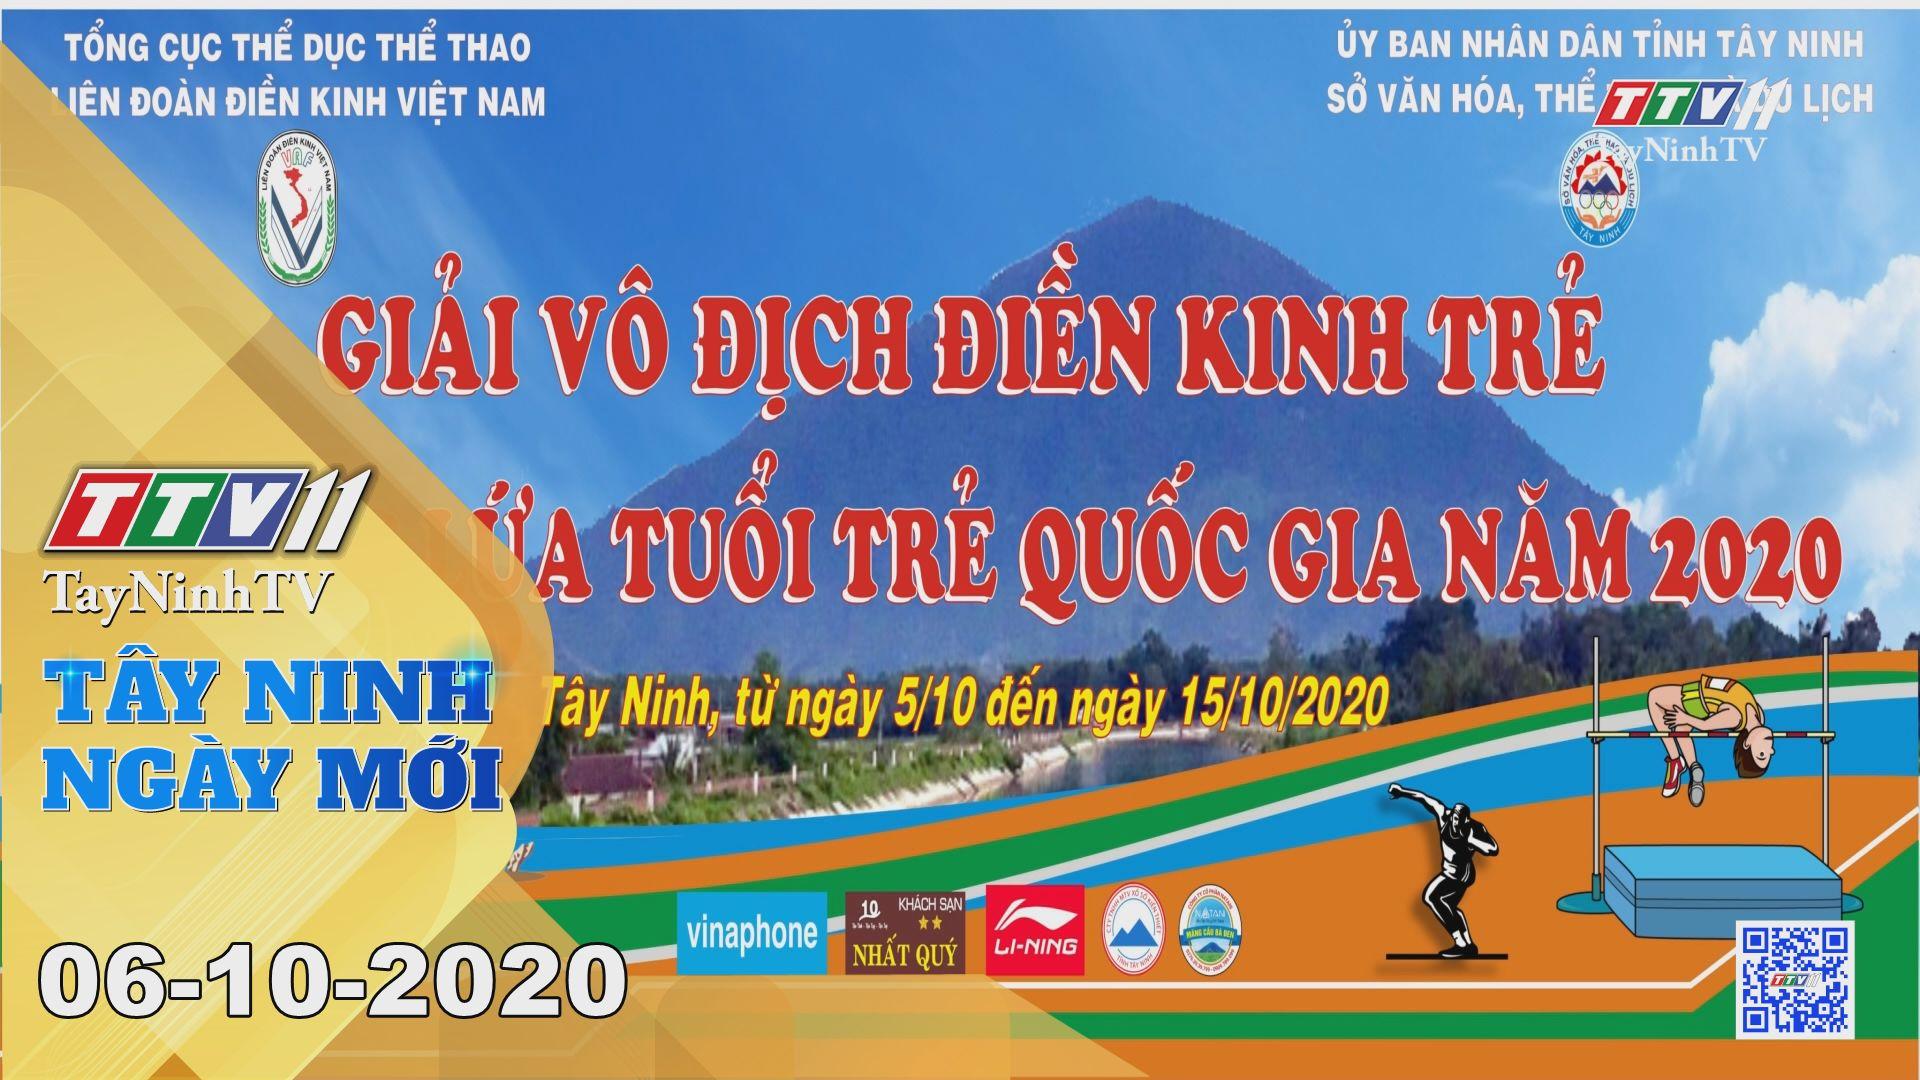 Tây Ninh Ngày Mới 06-10-2020 | Tin tức hôm nay | TayNinhTV